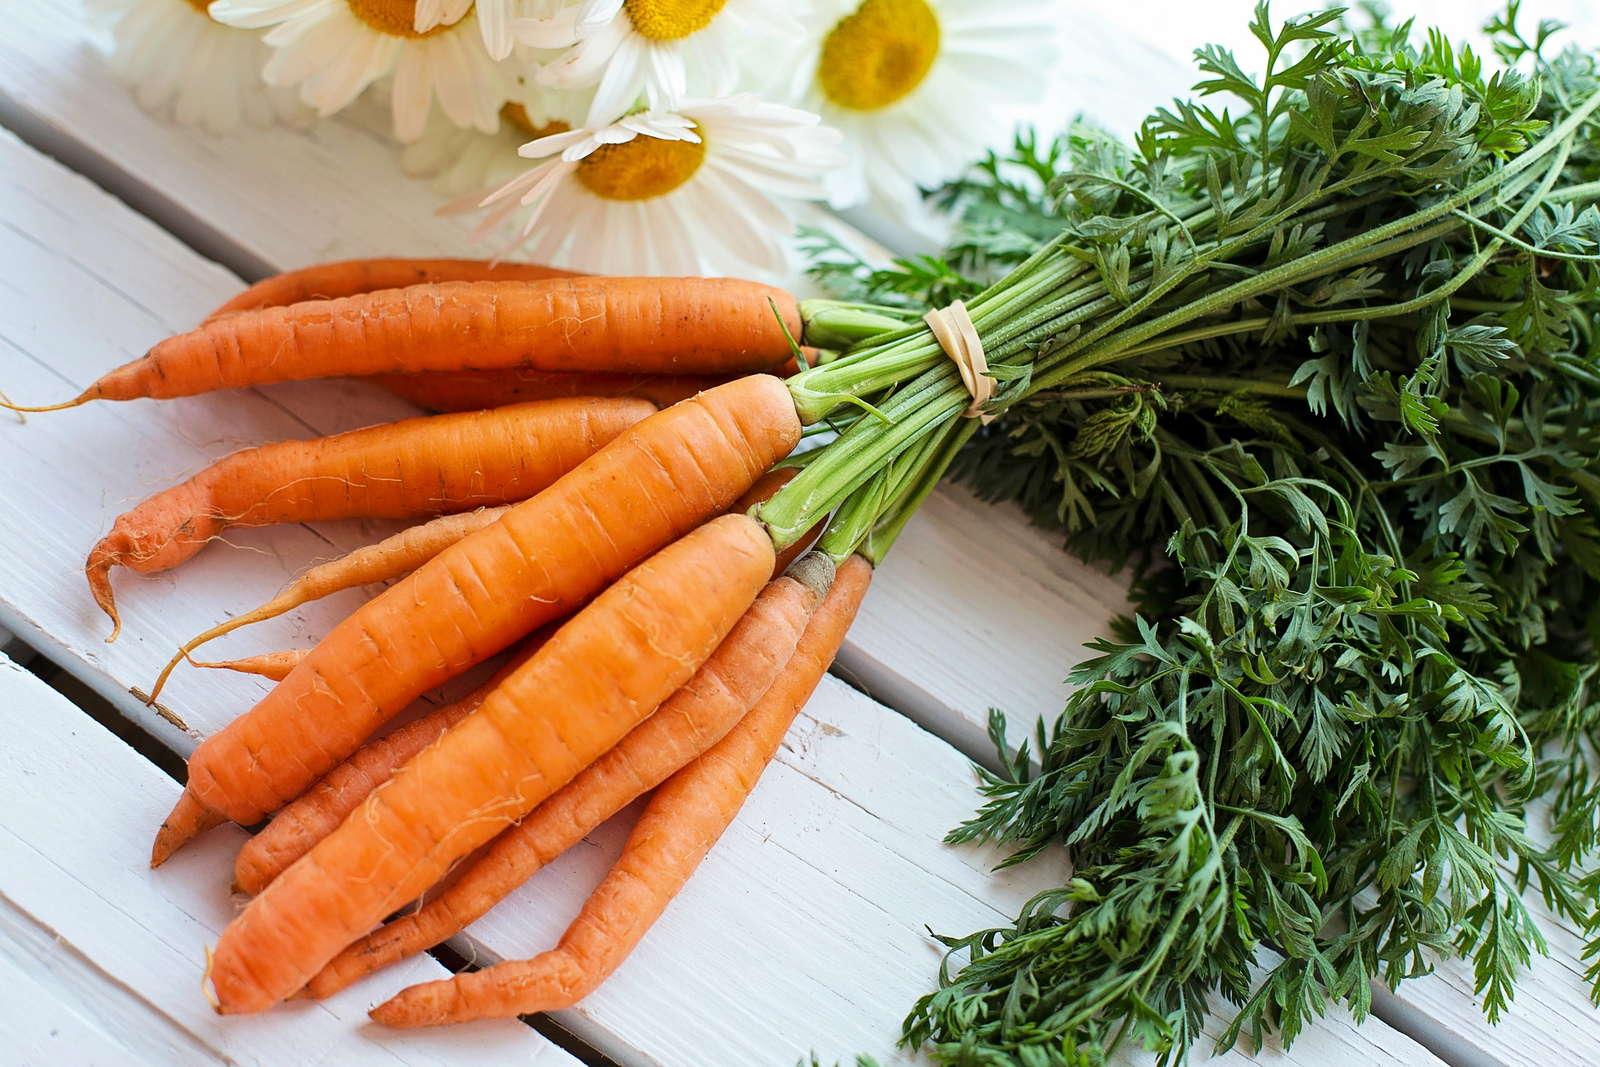 Lieblings Karotten pflanzen und anbauen: Experten-Tipps - Plantura &DS_81